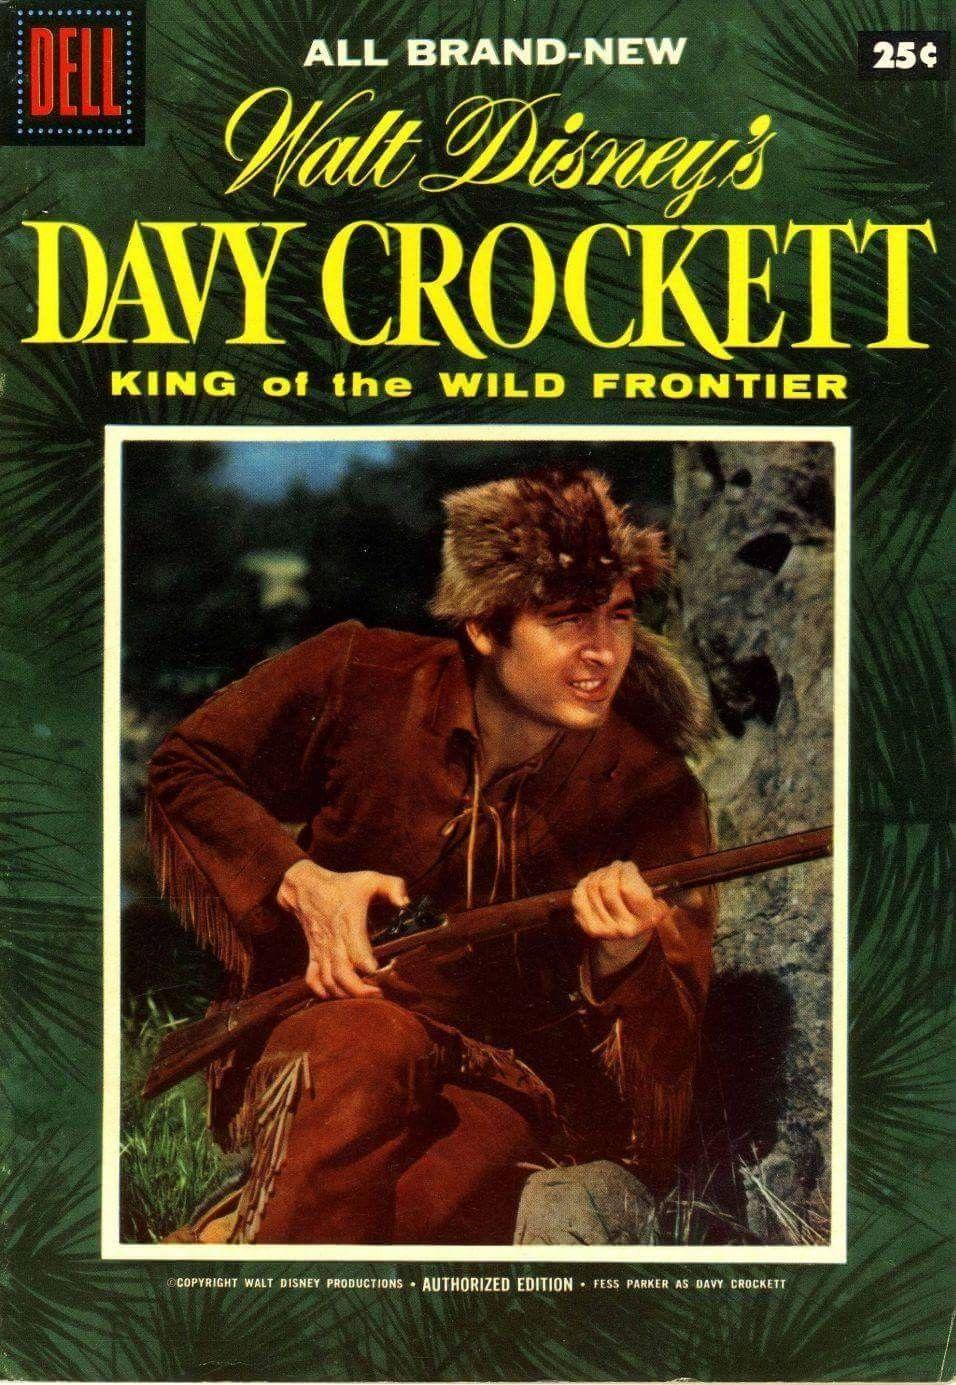 Fess Parker as Davy Crockett!